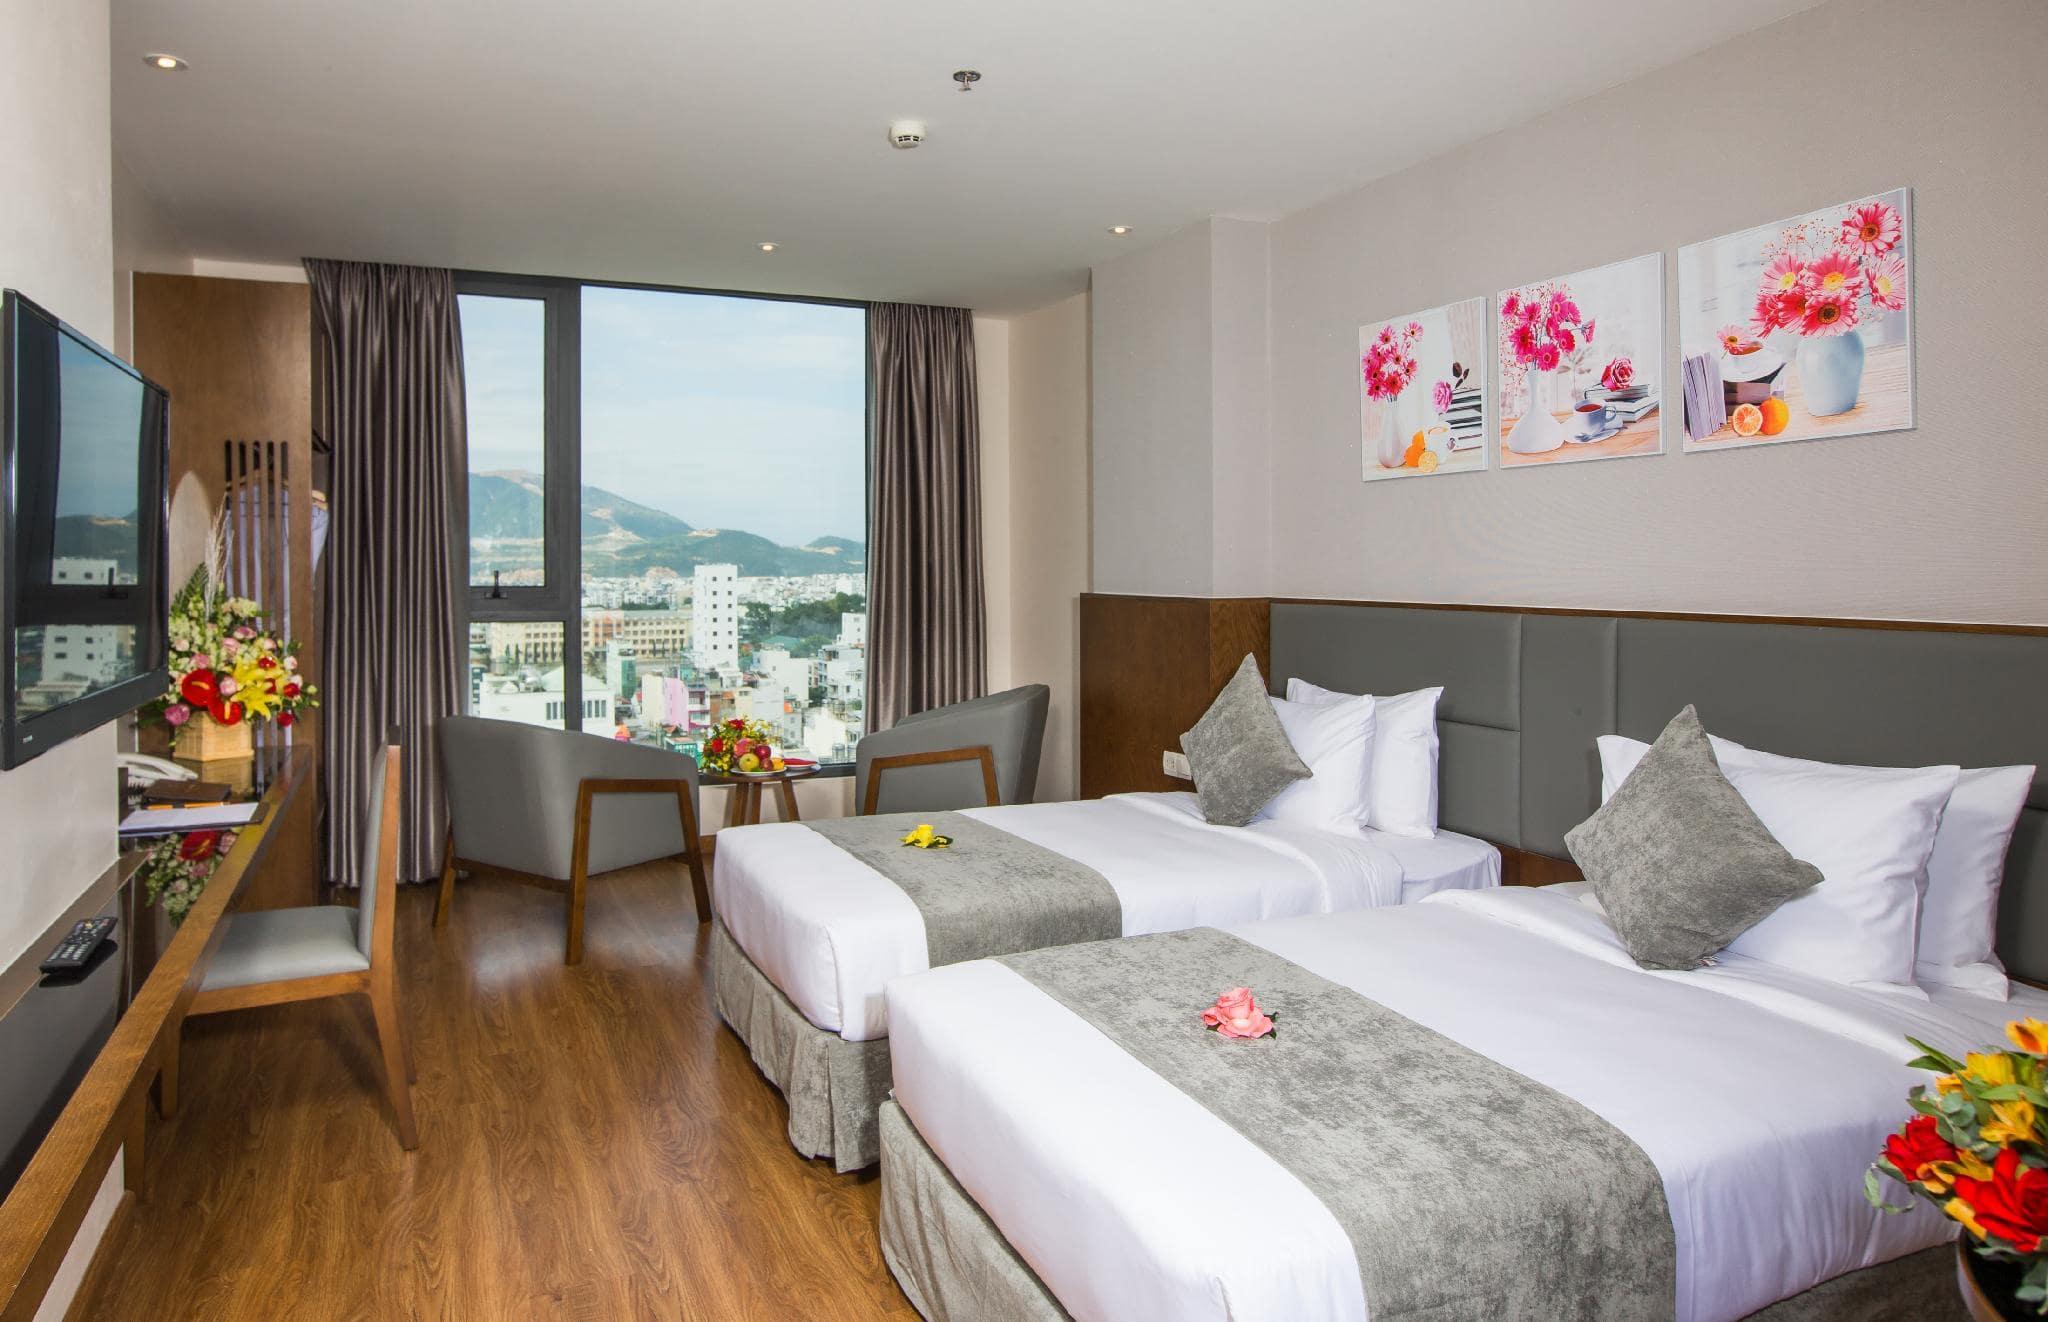 Khách Sạn Nha Trang Gần Quảng Trường - DTX Hotel Nha Trang